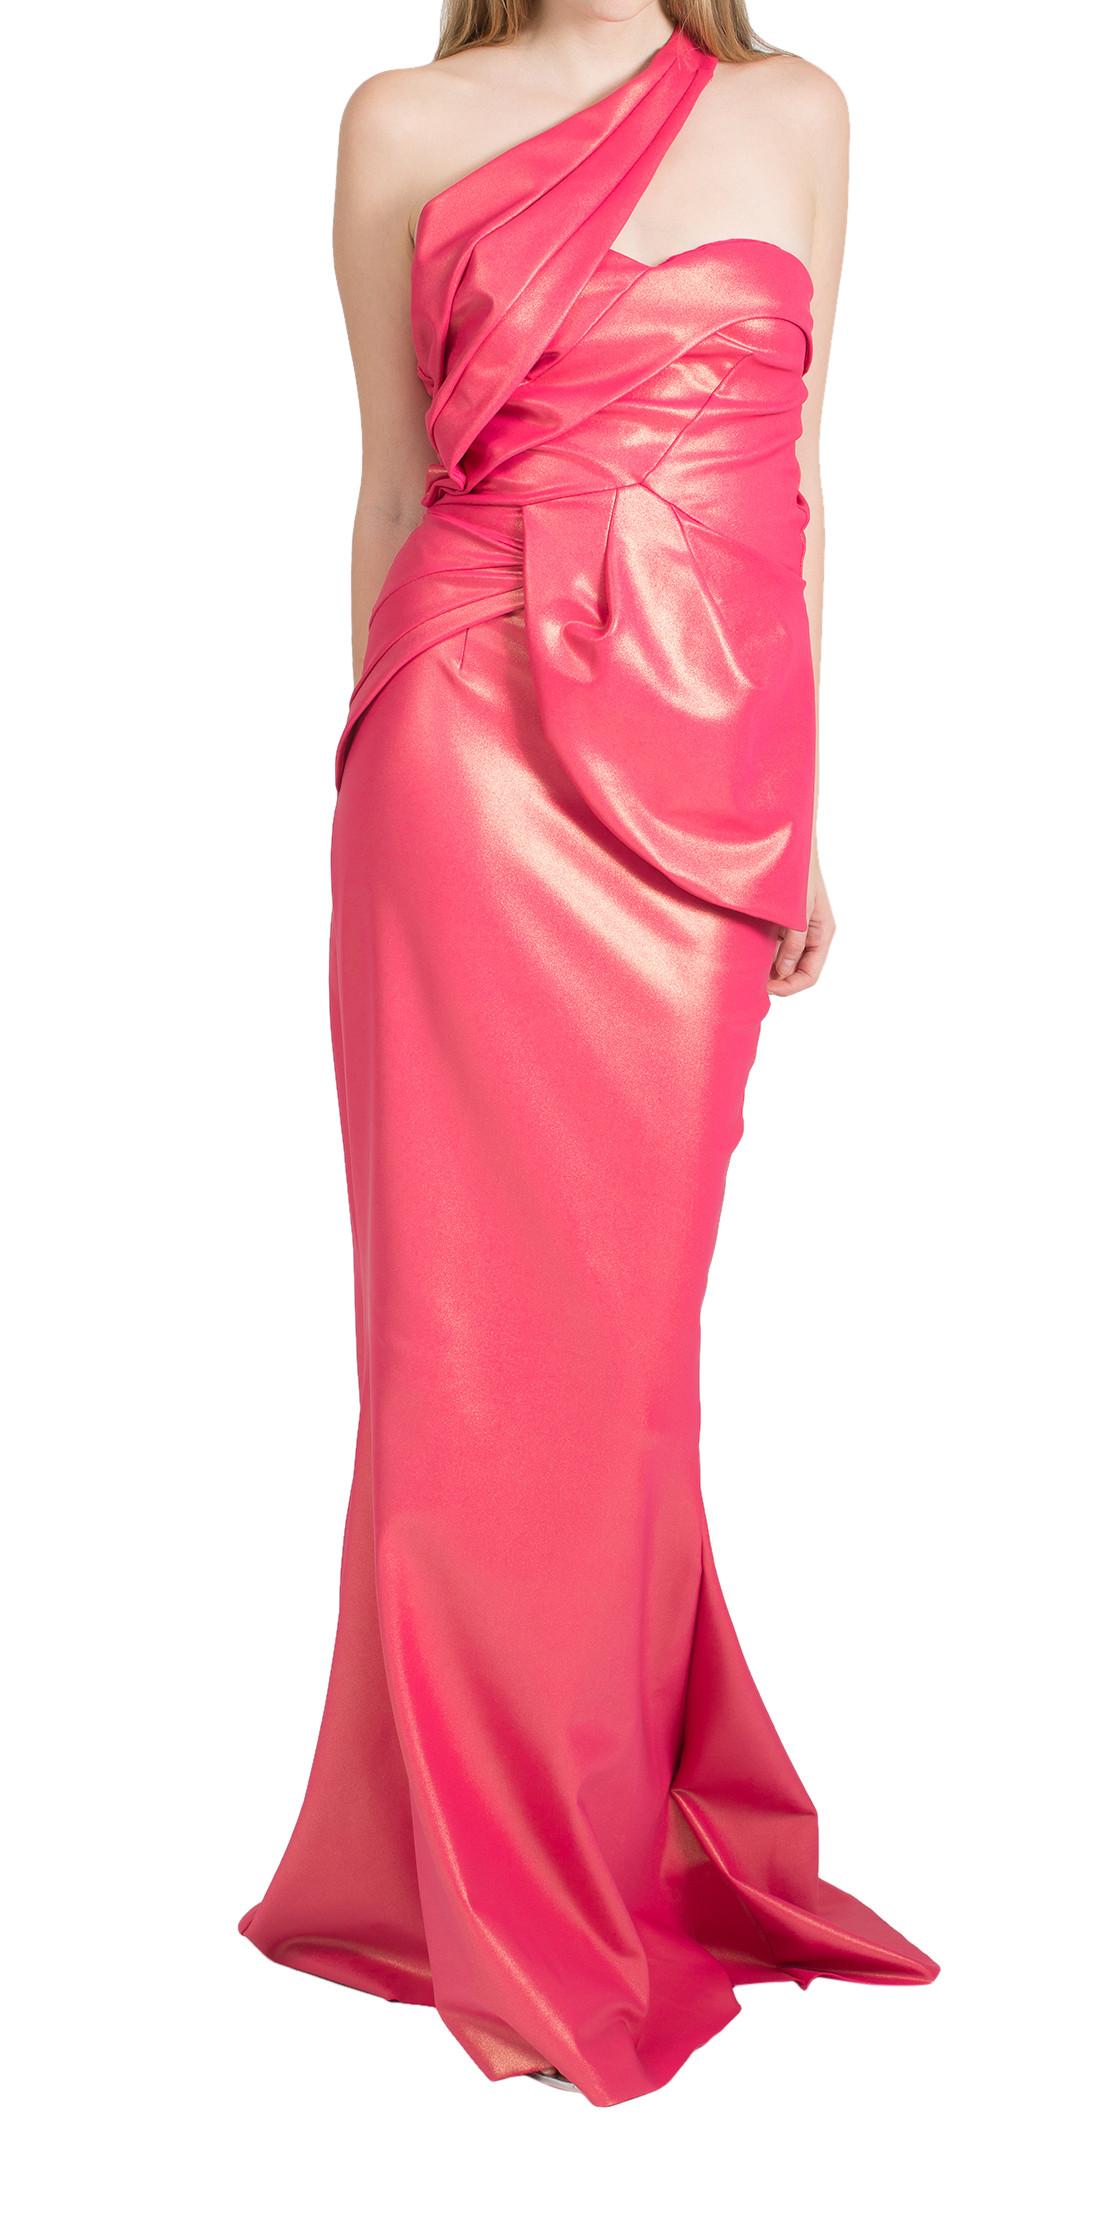 La Petite Robe di Chiara Boni Asymmetric  Mermaid Dress